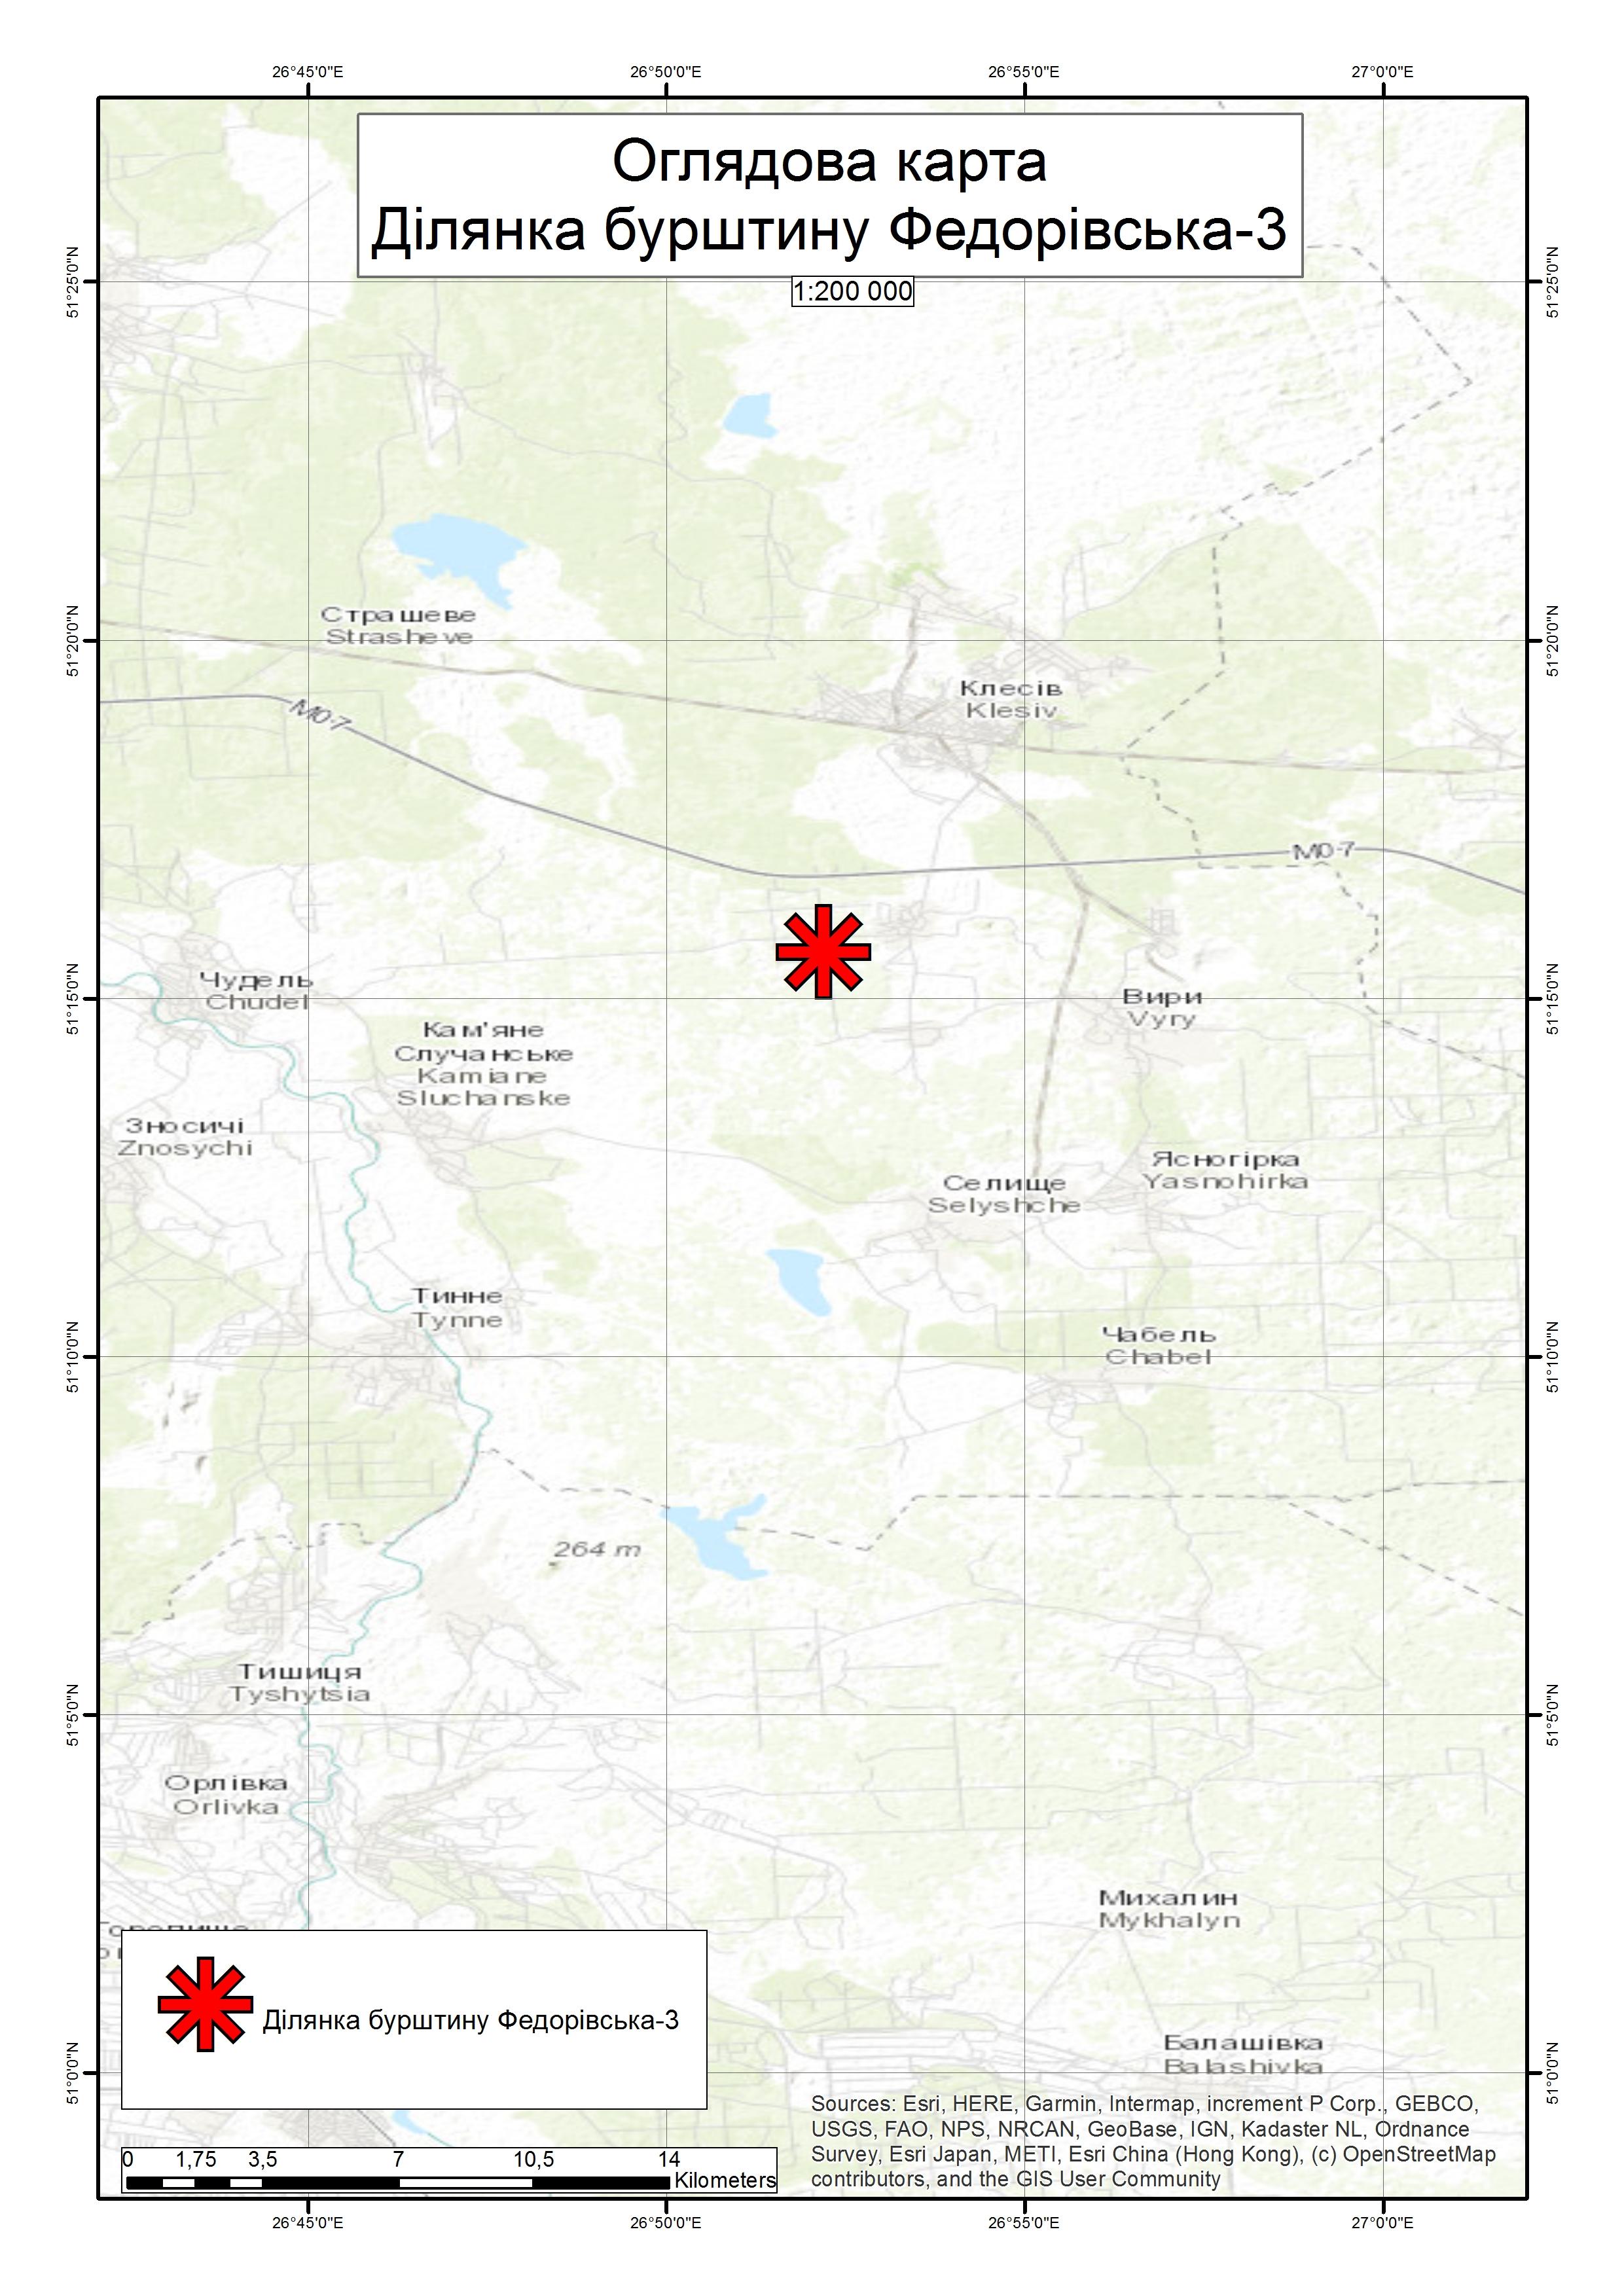 Спеціальний дозвіл на користування надрами – Ділянка Федорівська-3. Вартість геологічної інформації – 101 295,22 грн (з ПДВ). Вартість пакету аукціонної документації – 5 155,49 грн (з ПДВ).